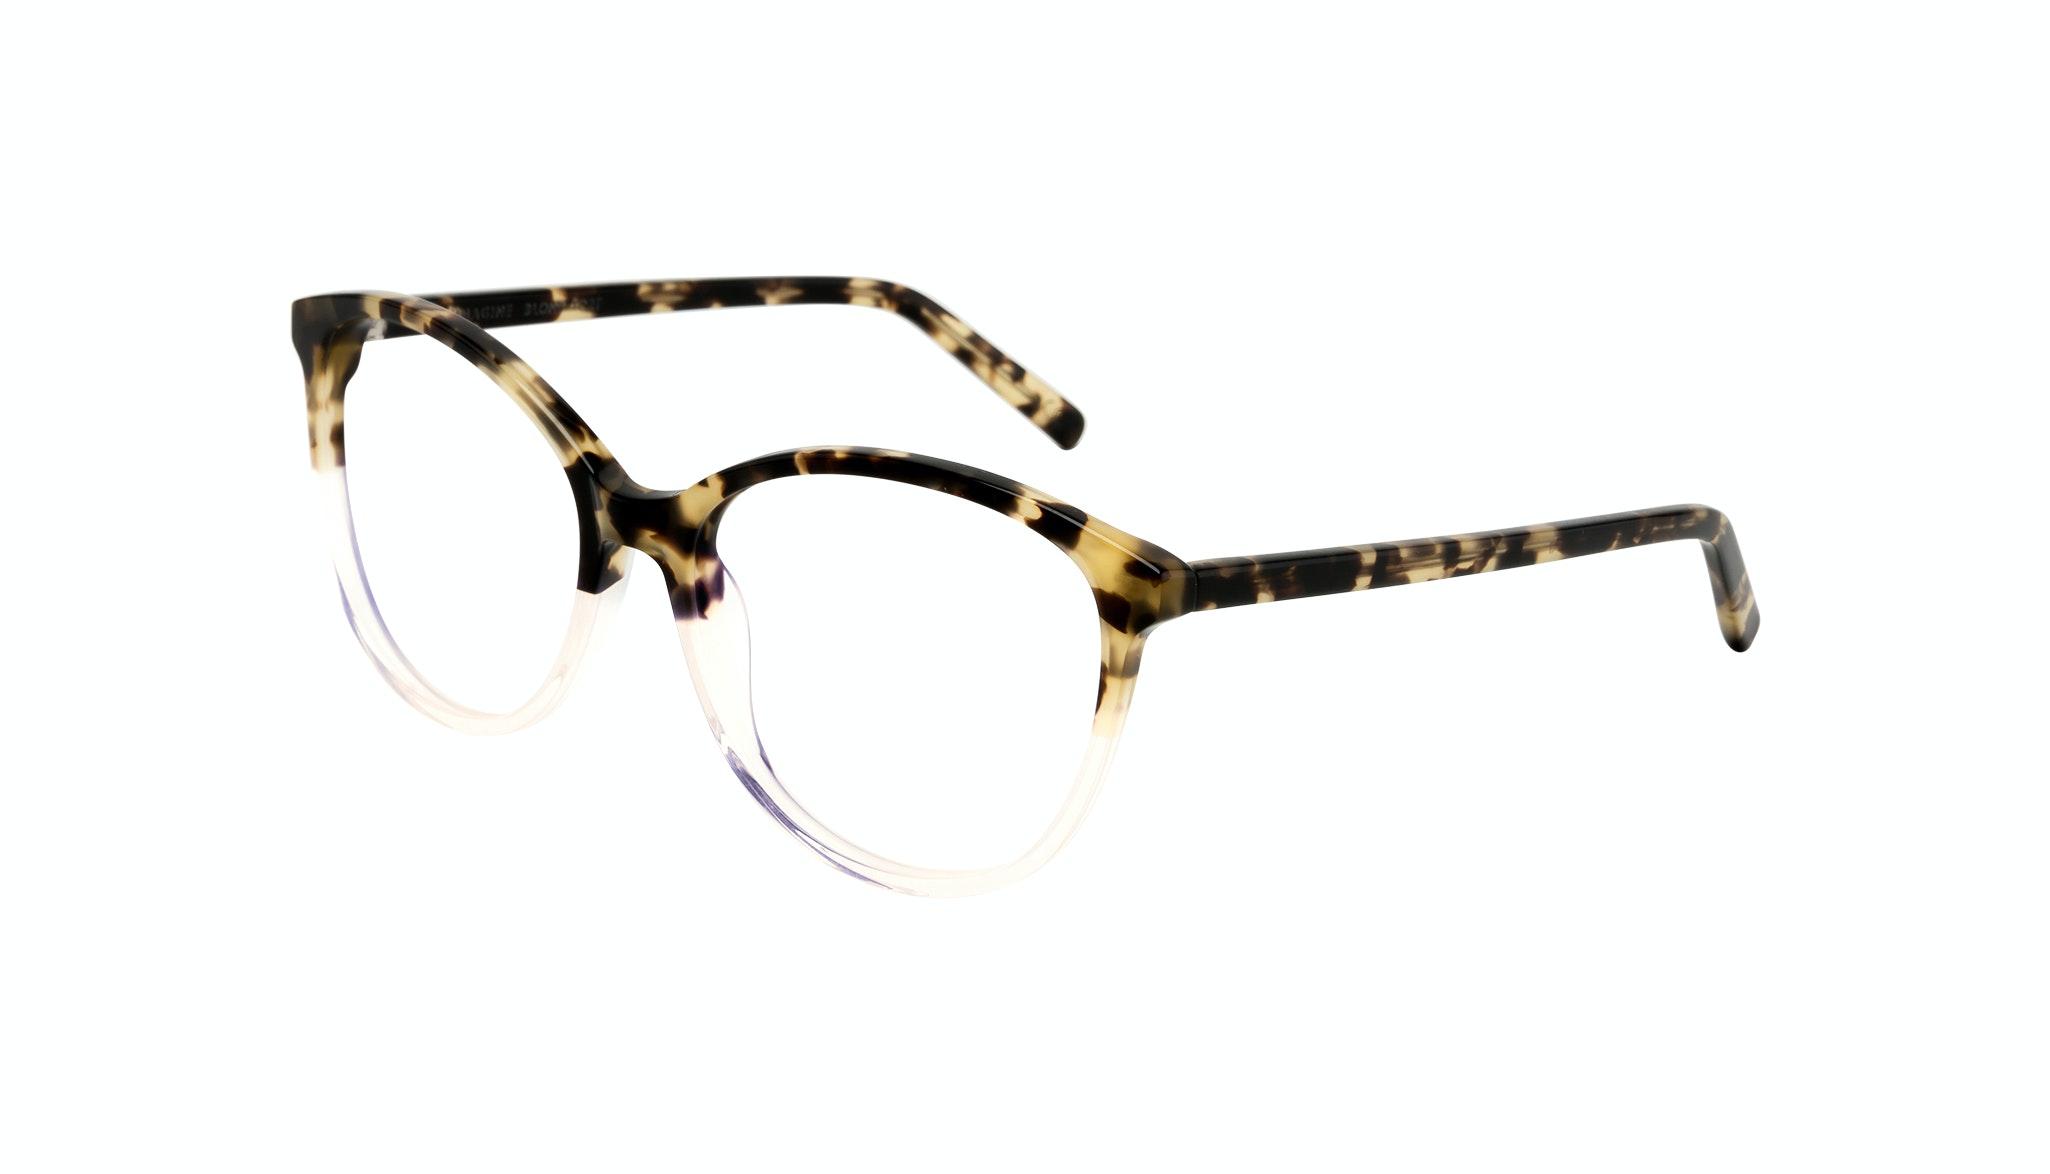 Affordable Fashion Glasses Cat Eye Round Eyeglasses Women Imagine Blond Tort Tilt